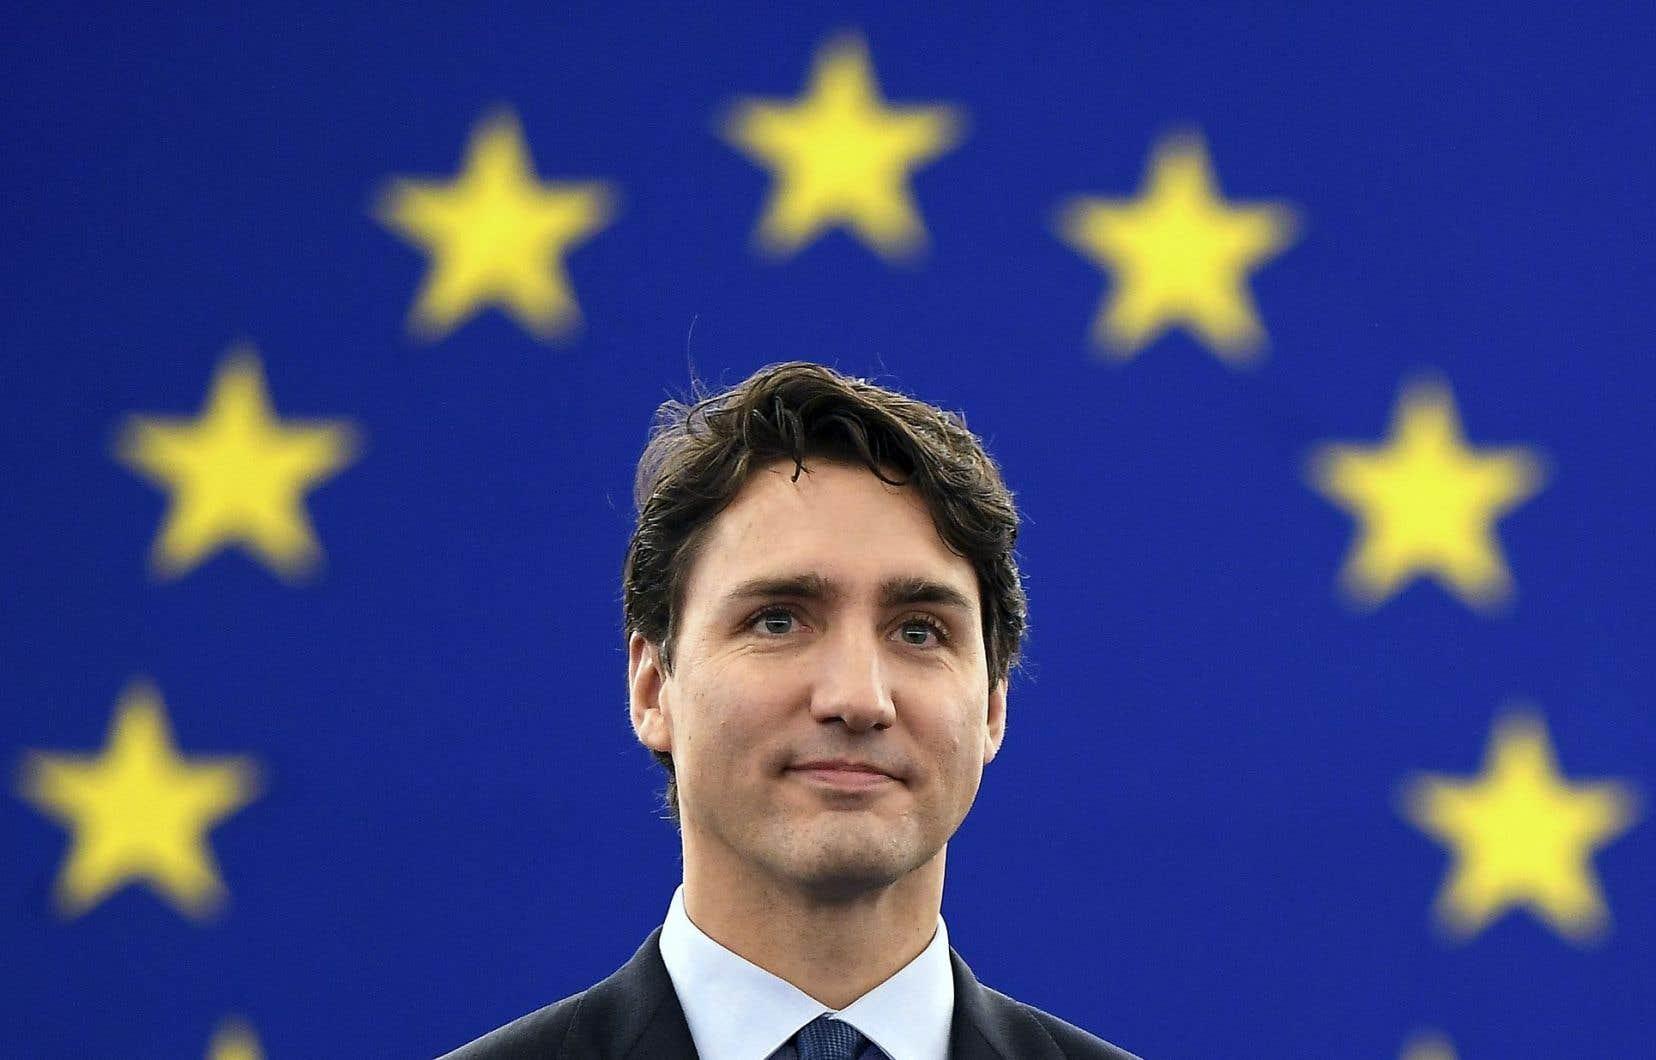 Le premier ministre du Canada, Justin Trudeau, a dit mercredi que l'AECG se trouve dans les dernières phases de l'implantation.